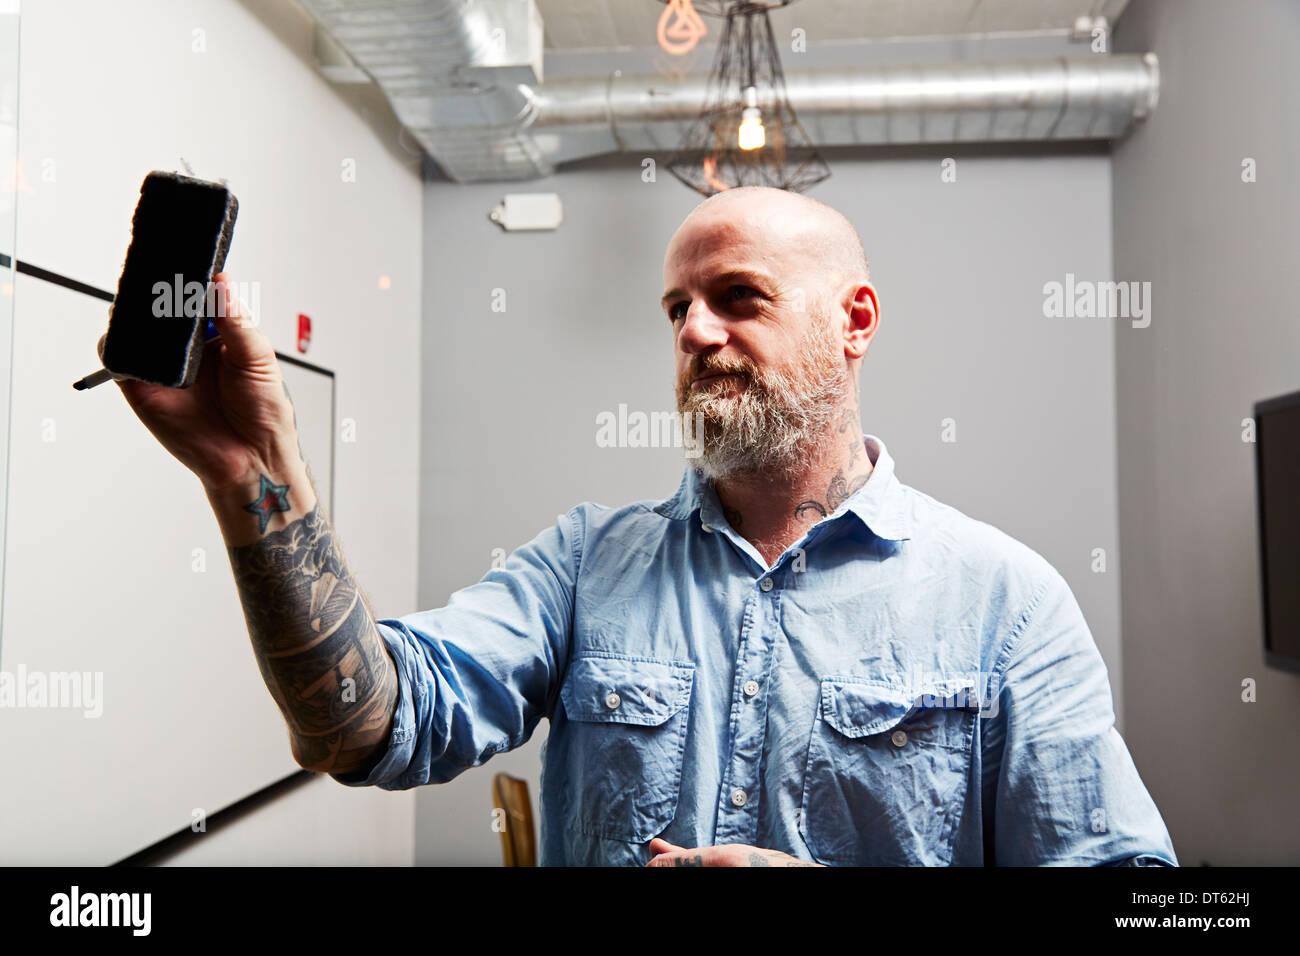 Mature man using whiteboard eraser - Stock Image